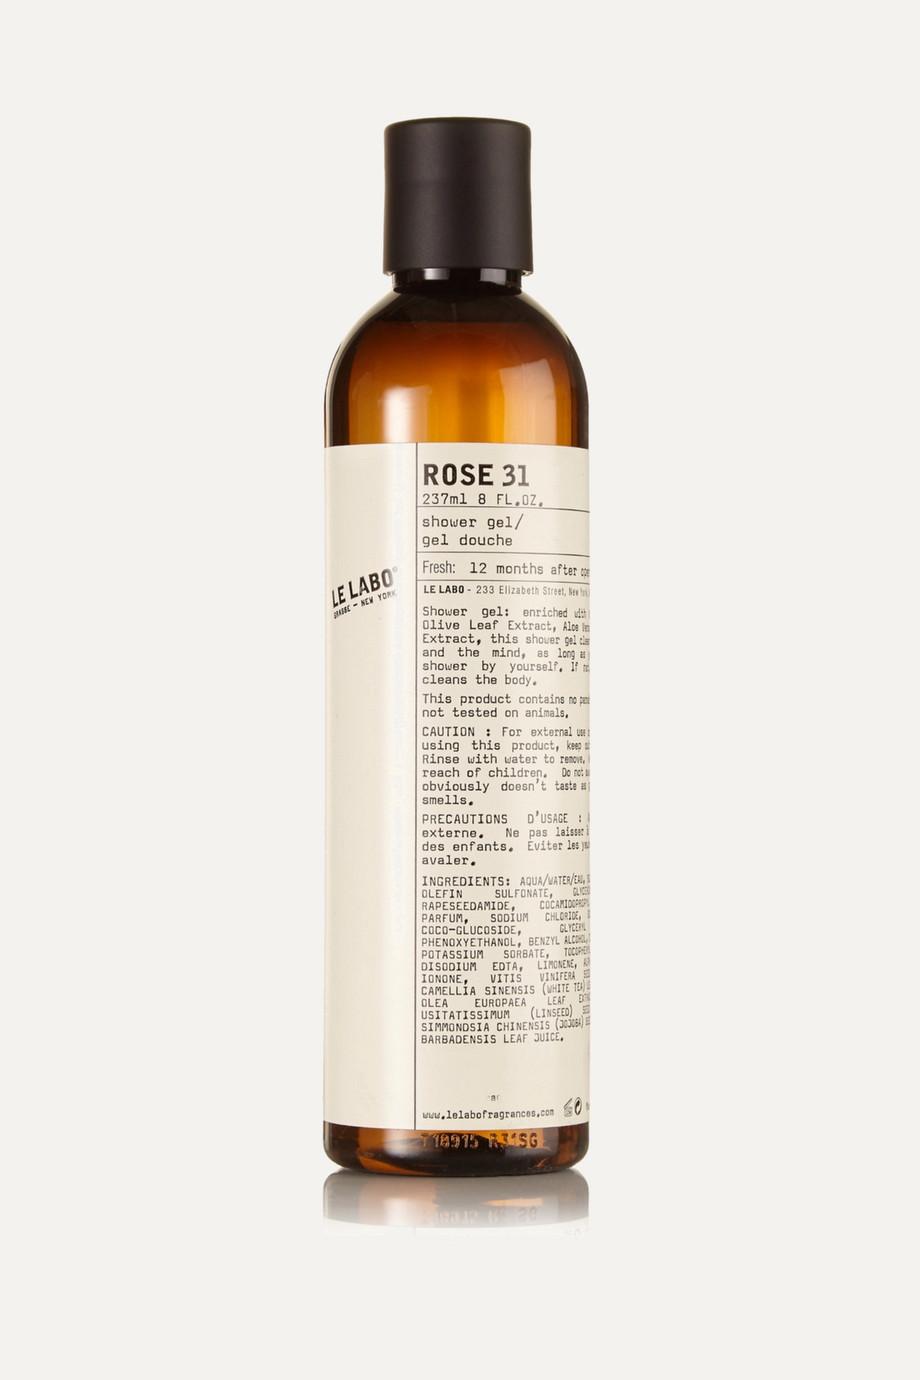 Le Labo Rose 31 Shower Gel, 237ml – Duschgel